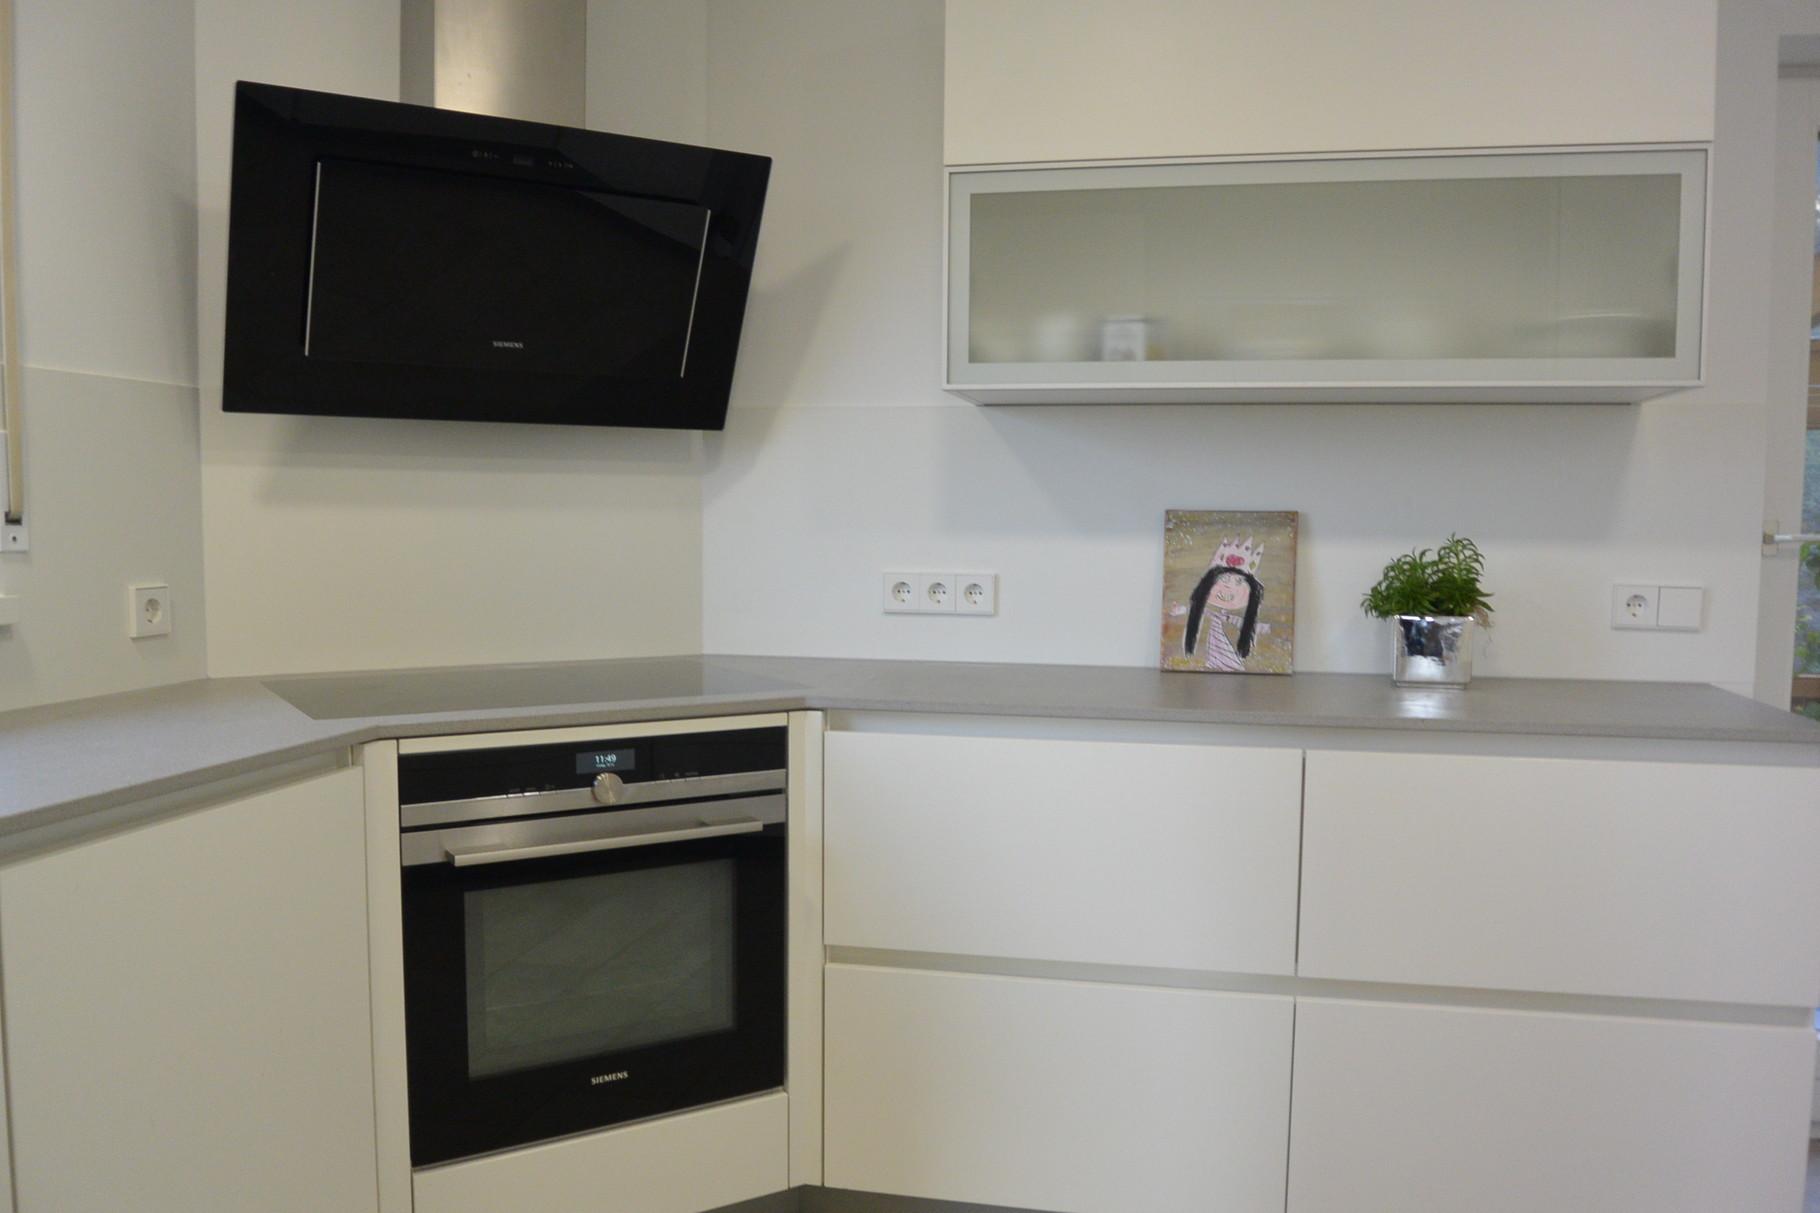 kche wei matt schlicht. Black Bedroom Furniture Sets. Home Design Ideas